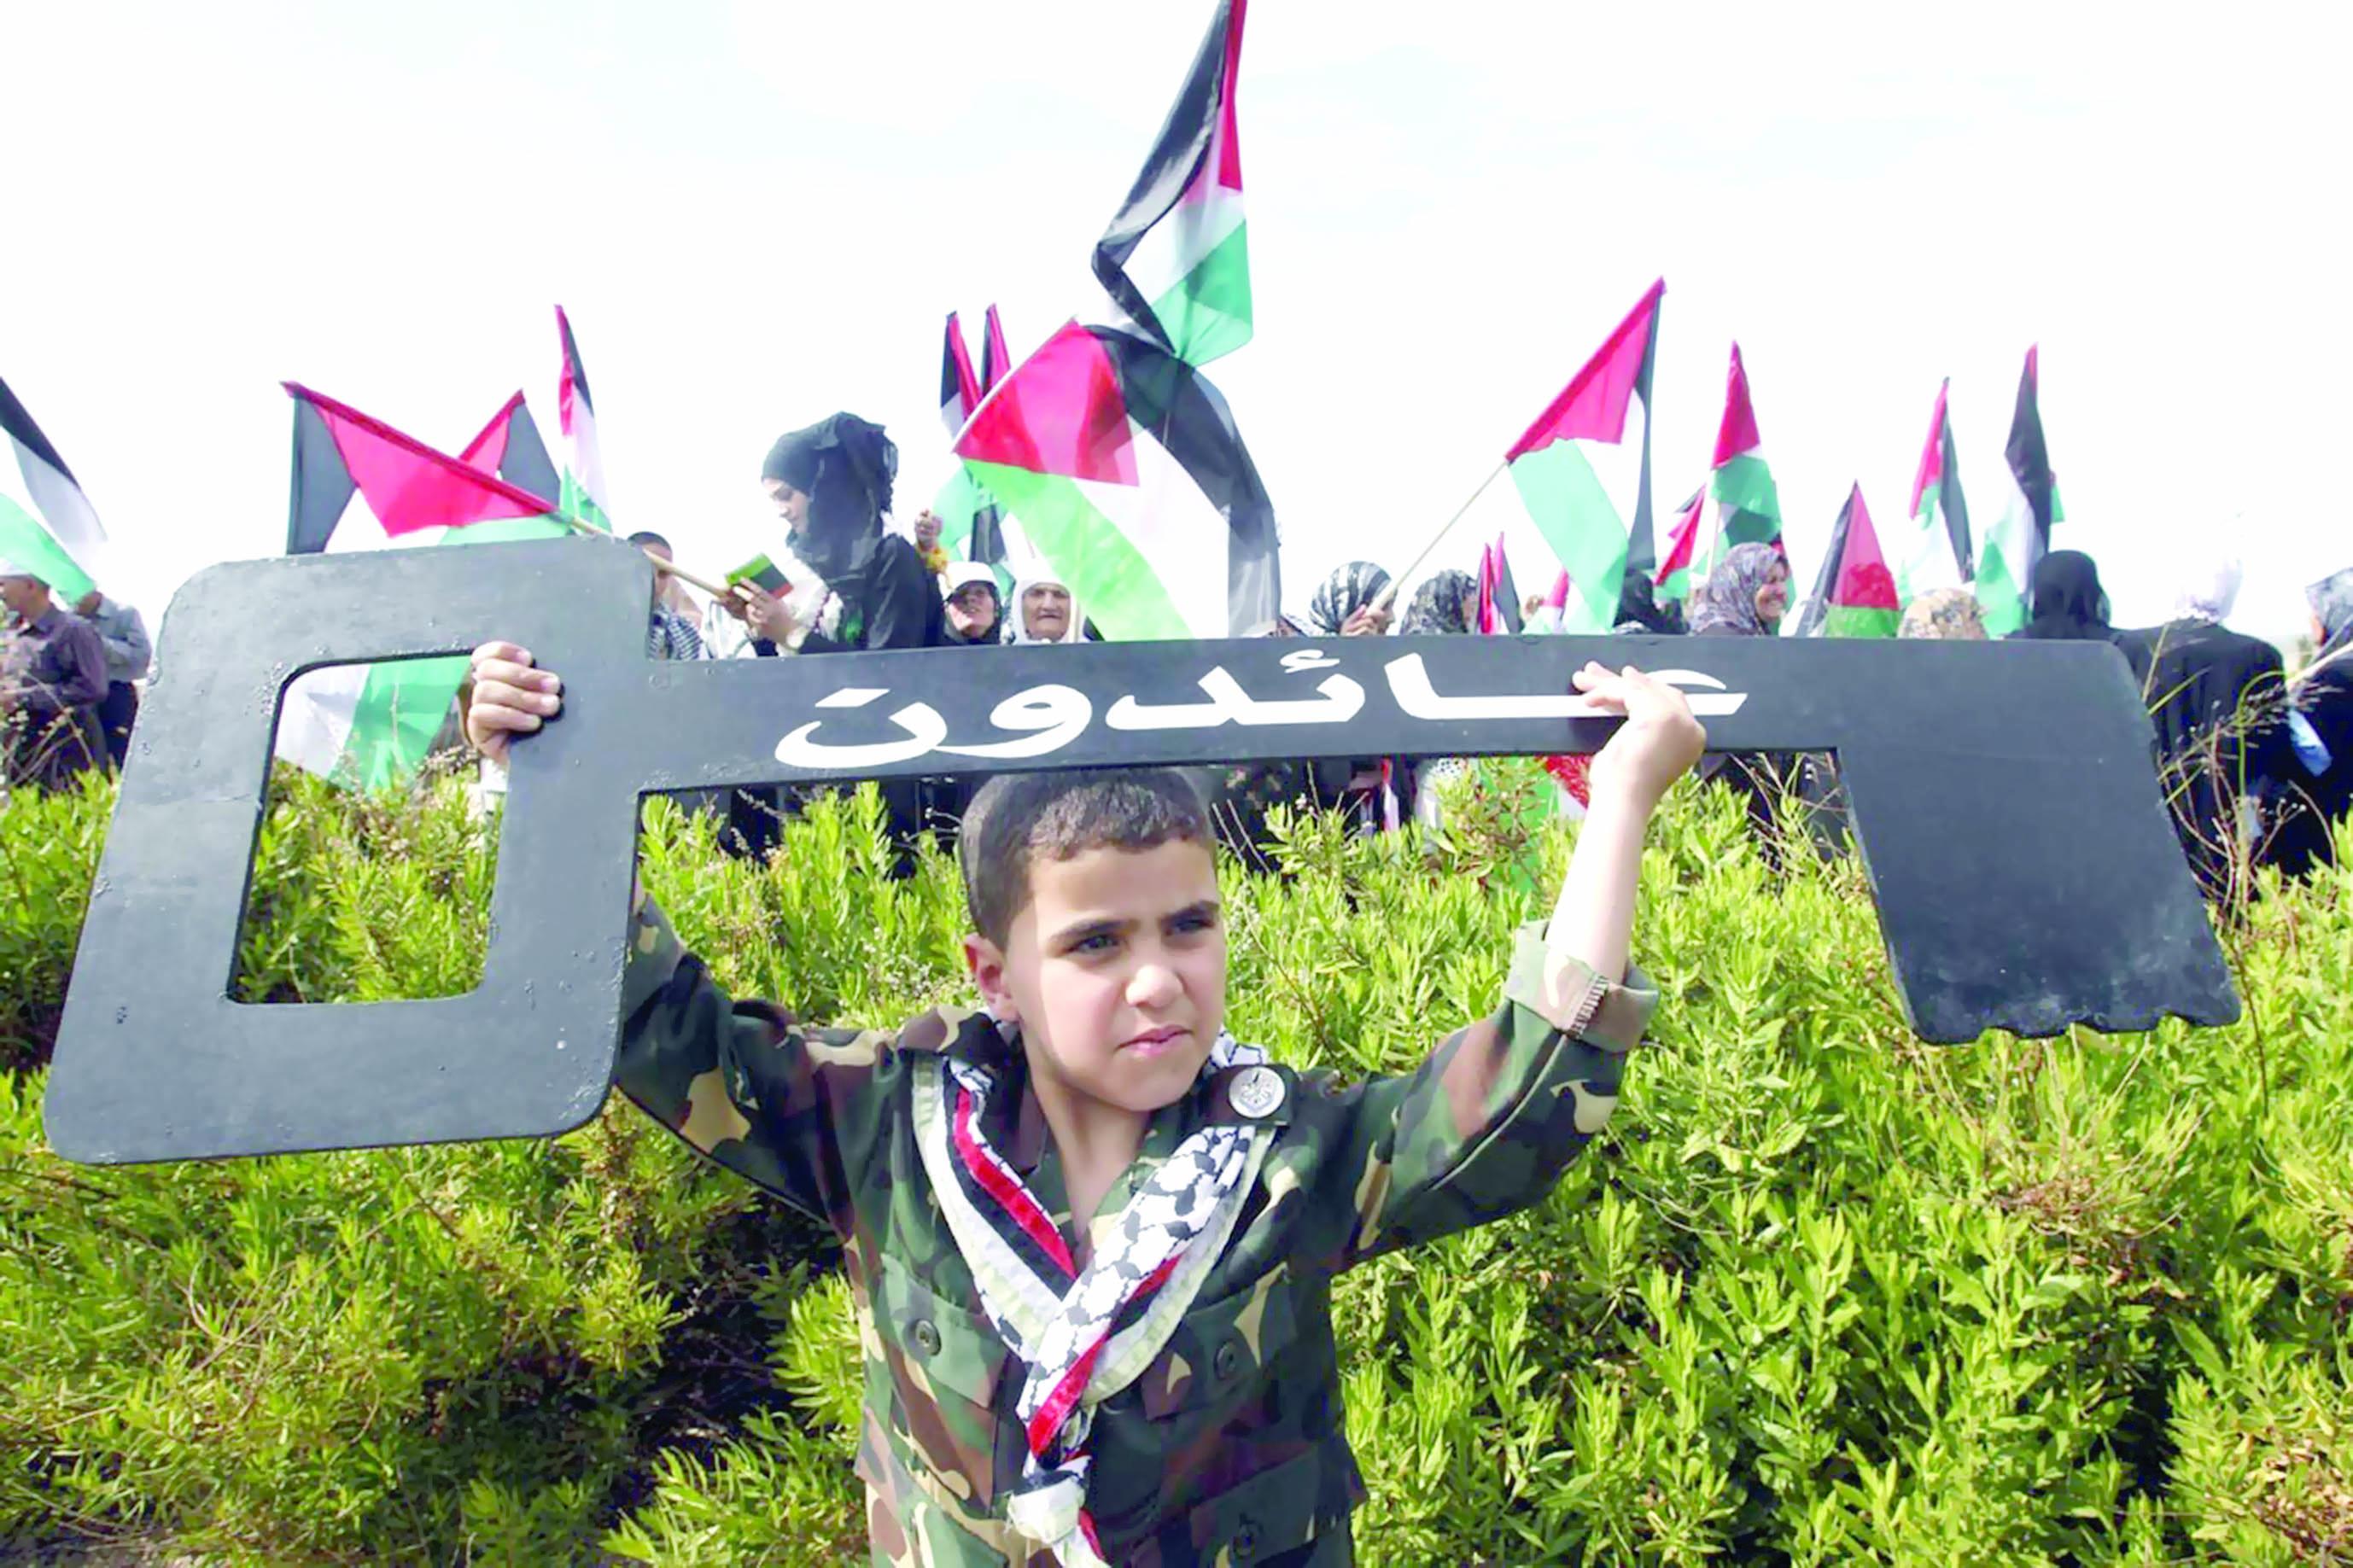 68 عاما على النكبة والفلسطينيون متمسكون بحق العودة